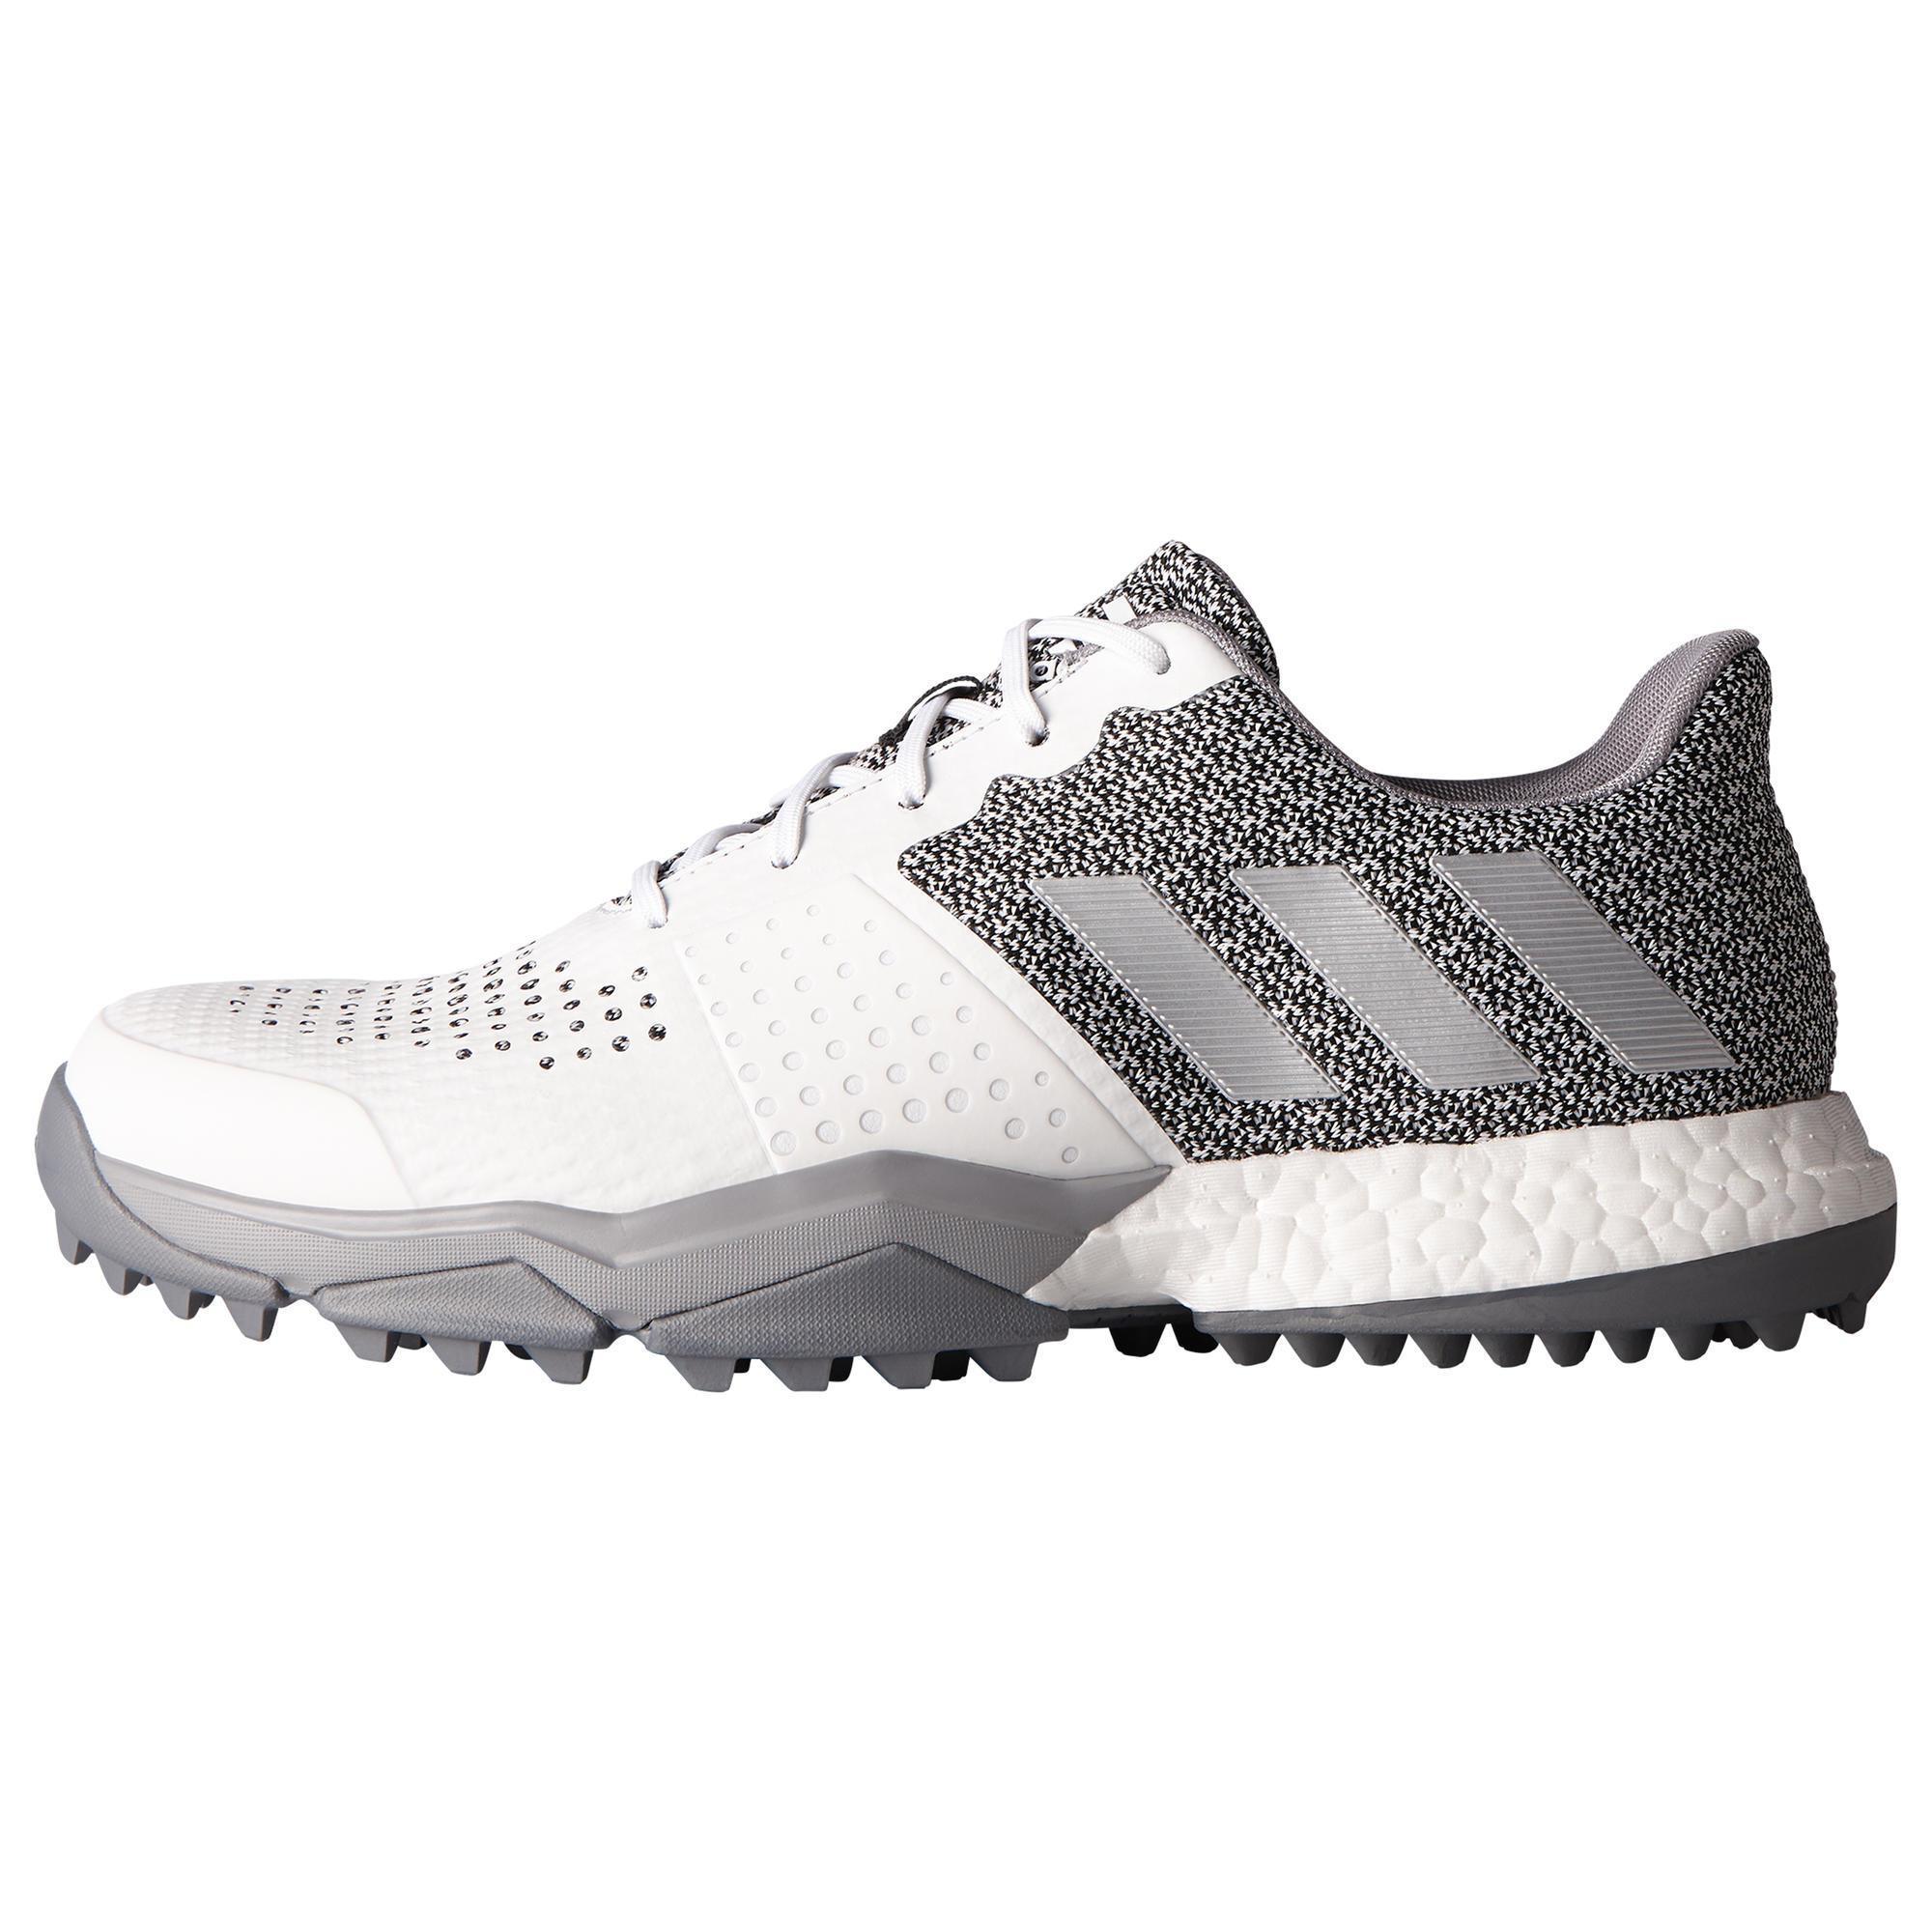 Adidas Golfschoenen Adipower Boost voor heren wit